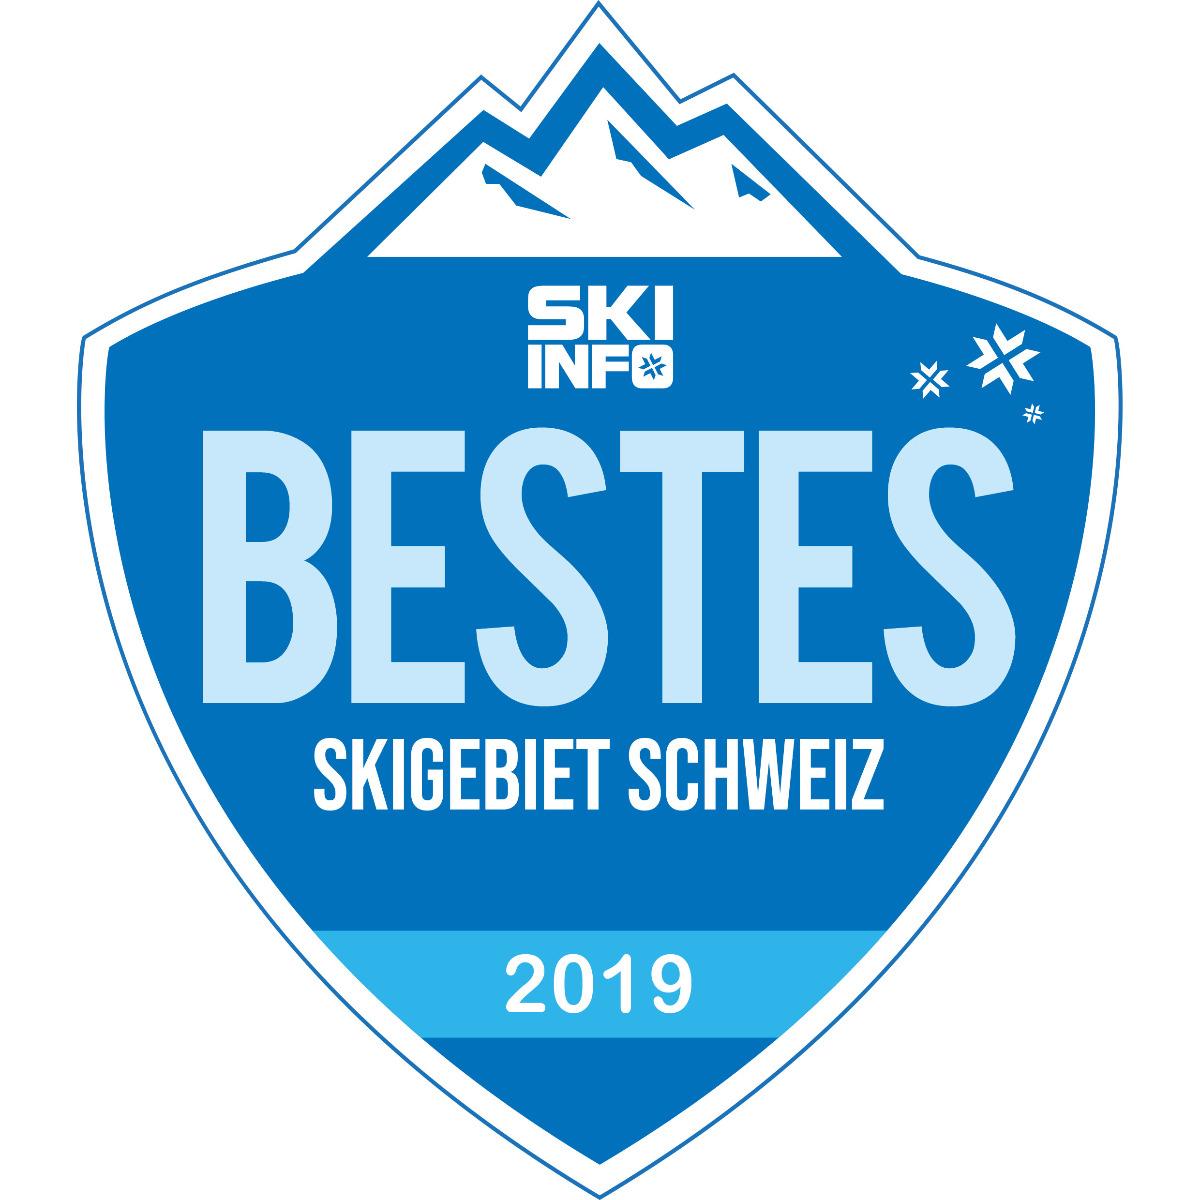 Bestes Skigebiet in der Schweiz 2018/2019